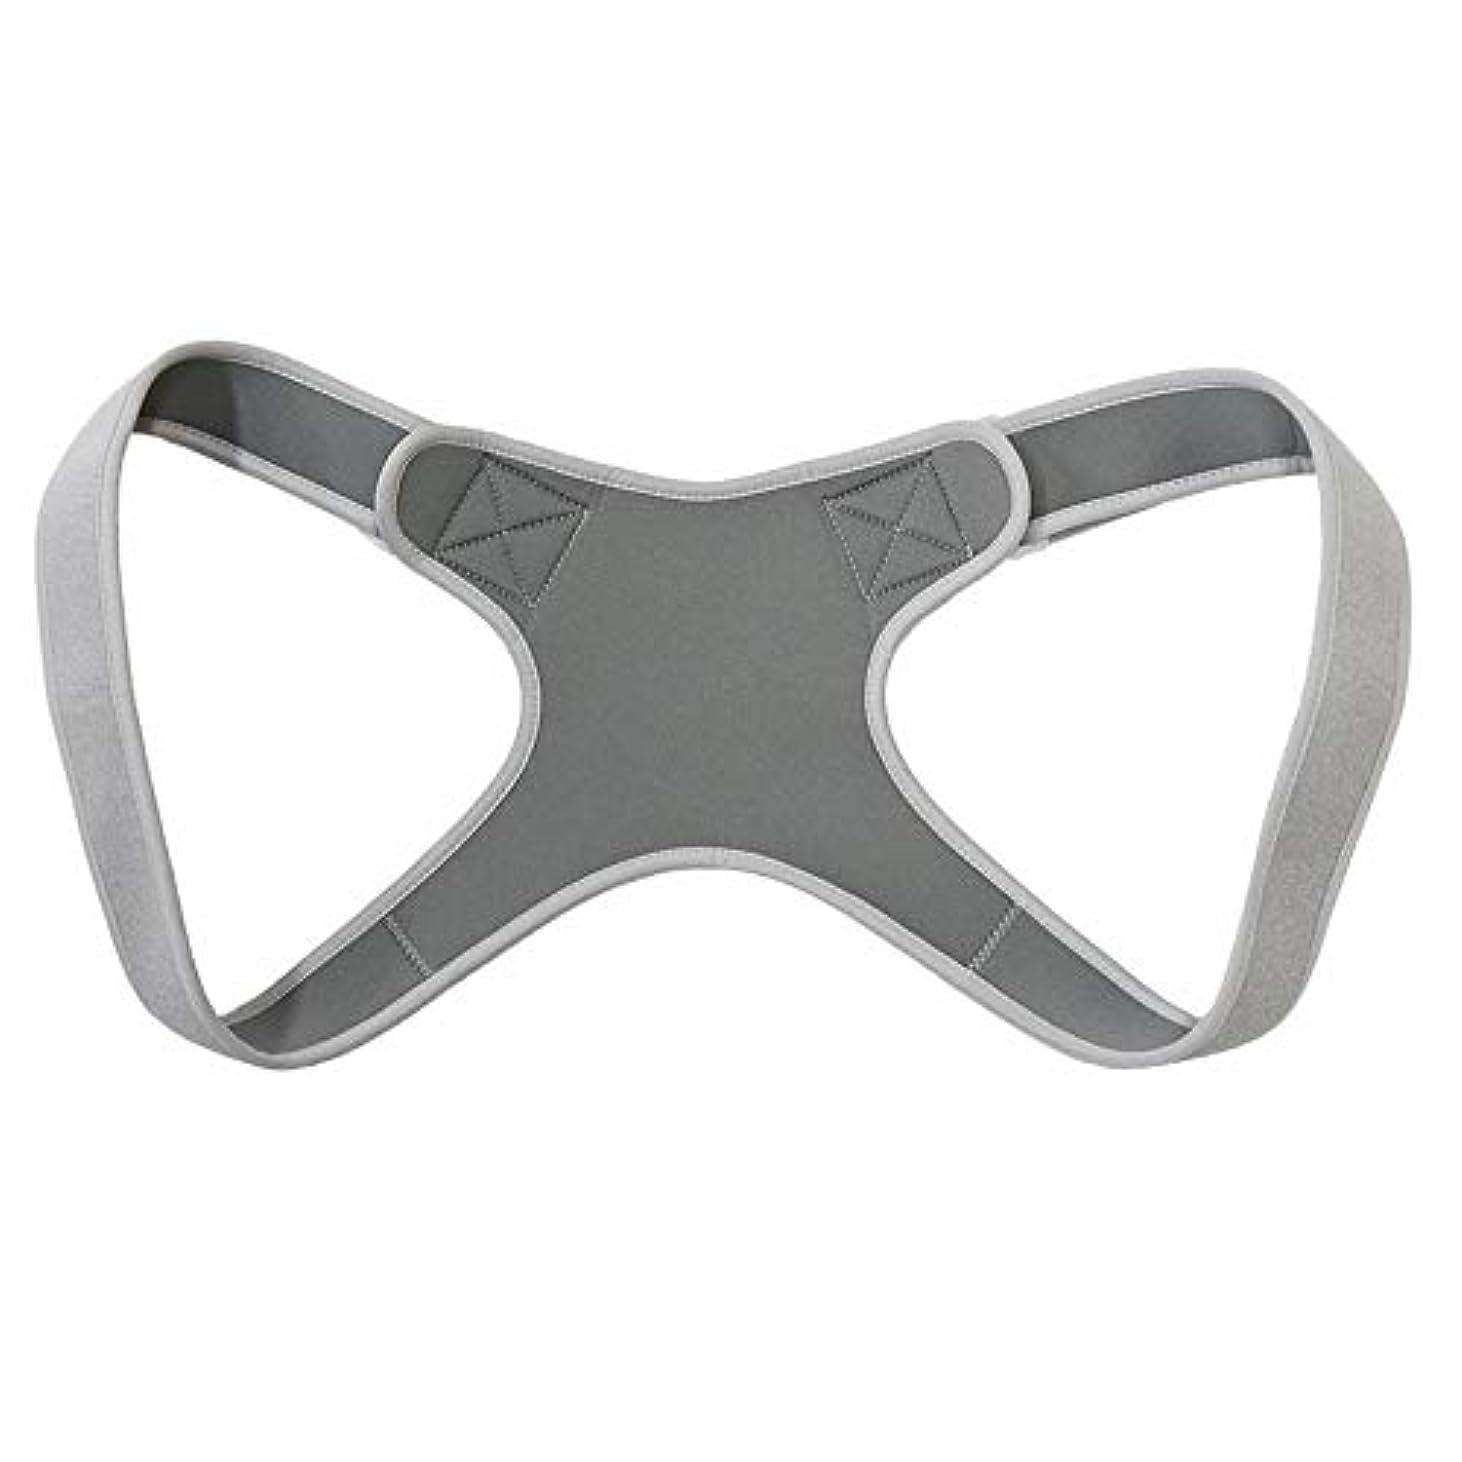 ラビリンスエチケットソブリケット新しいアッパーバックポスチャーコレクター姿勢鎖骨サポートコレクターバックストレートショルダーブレースストラップコレクター - グレー